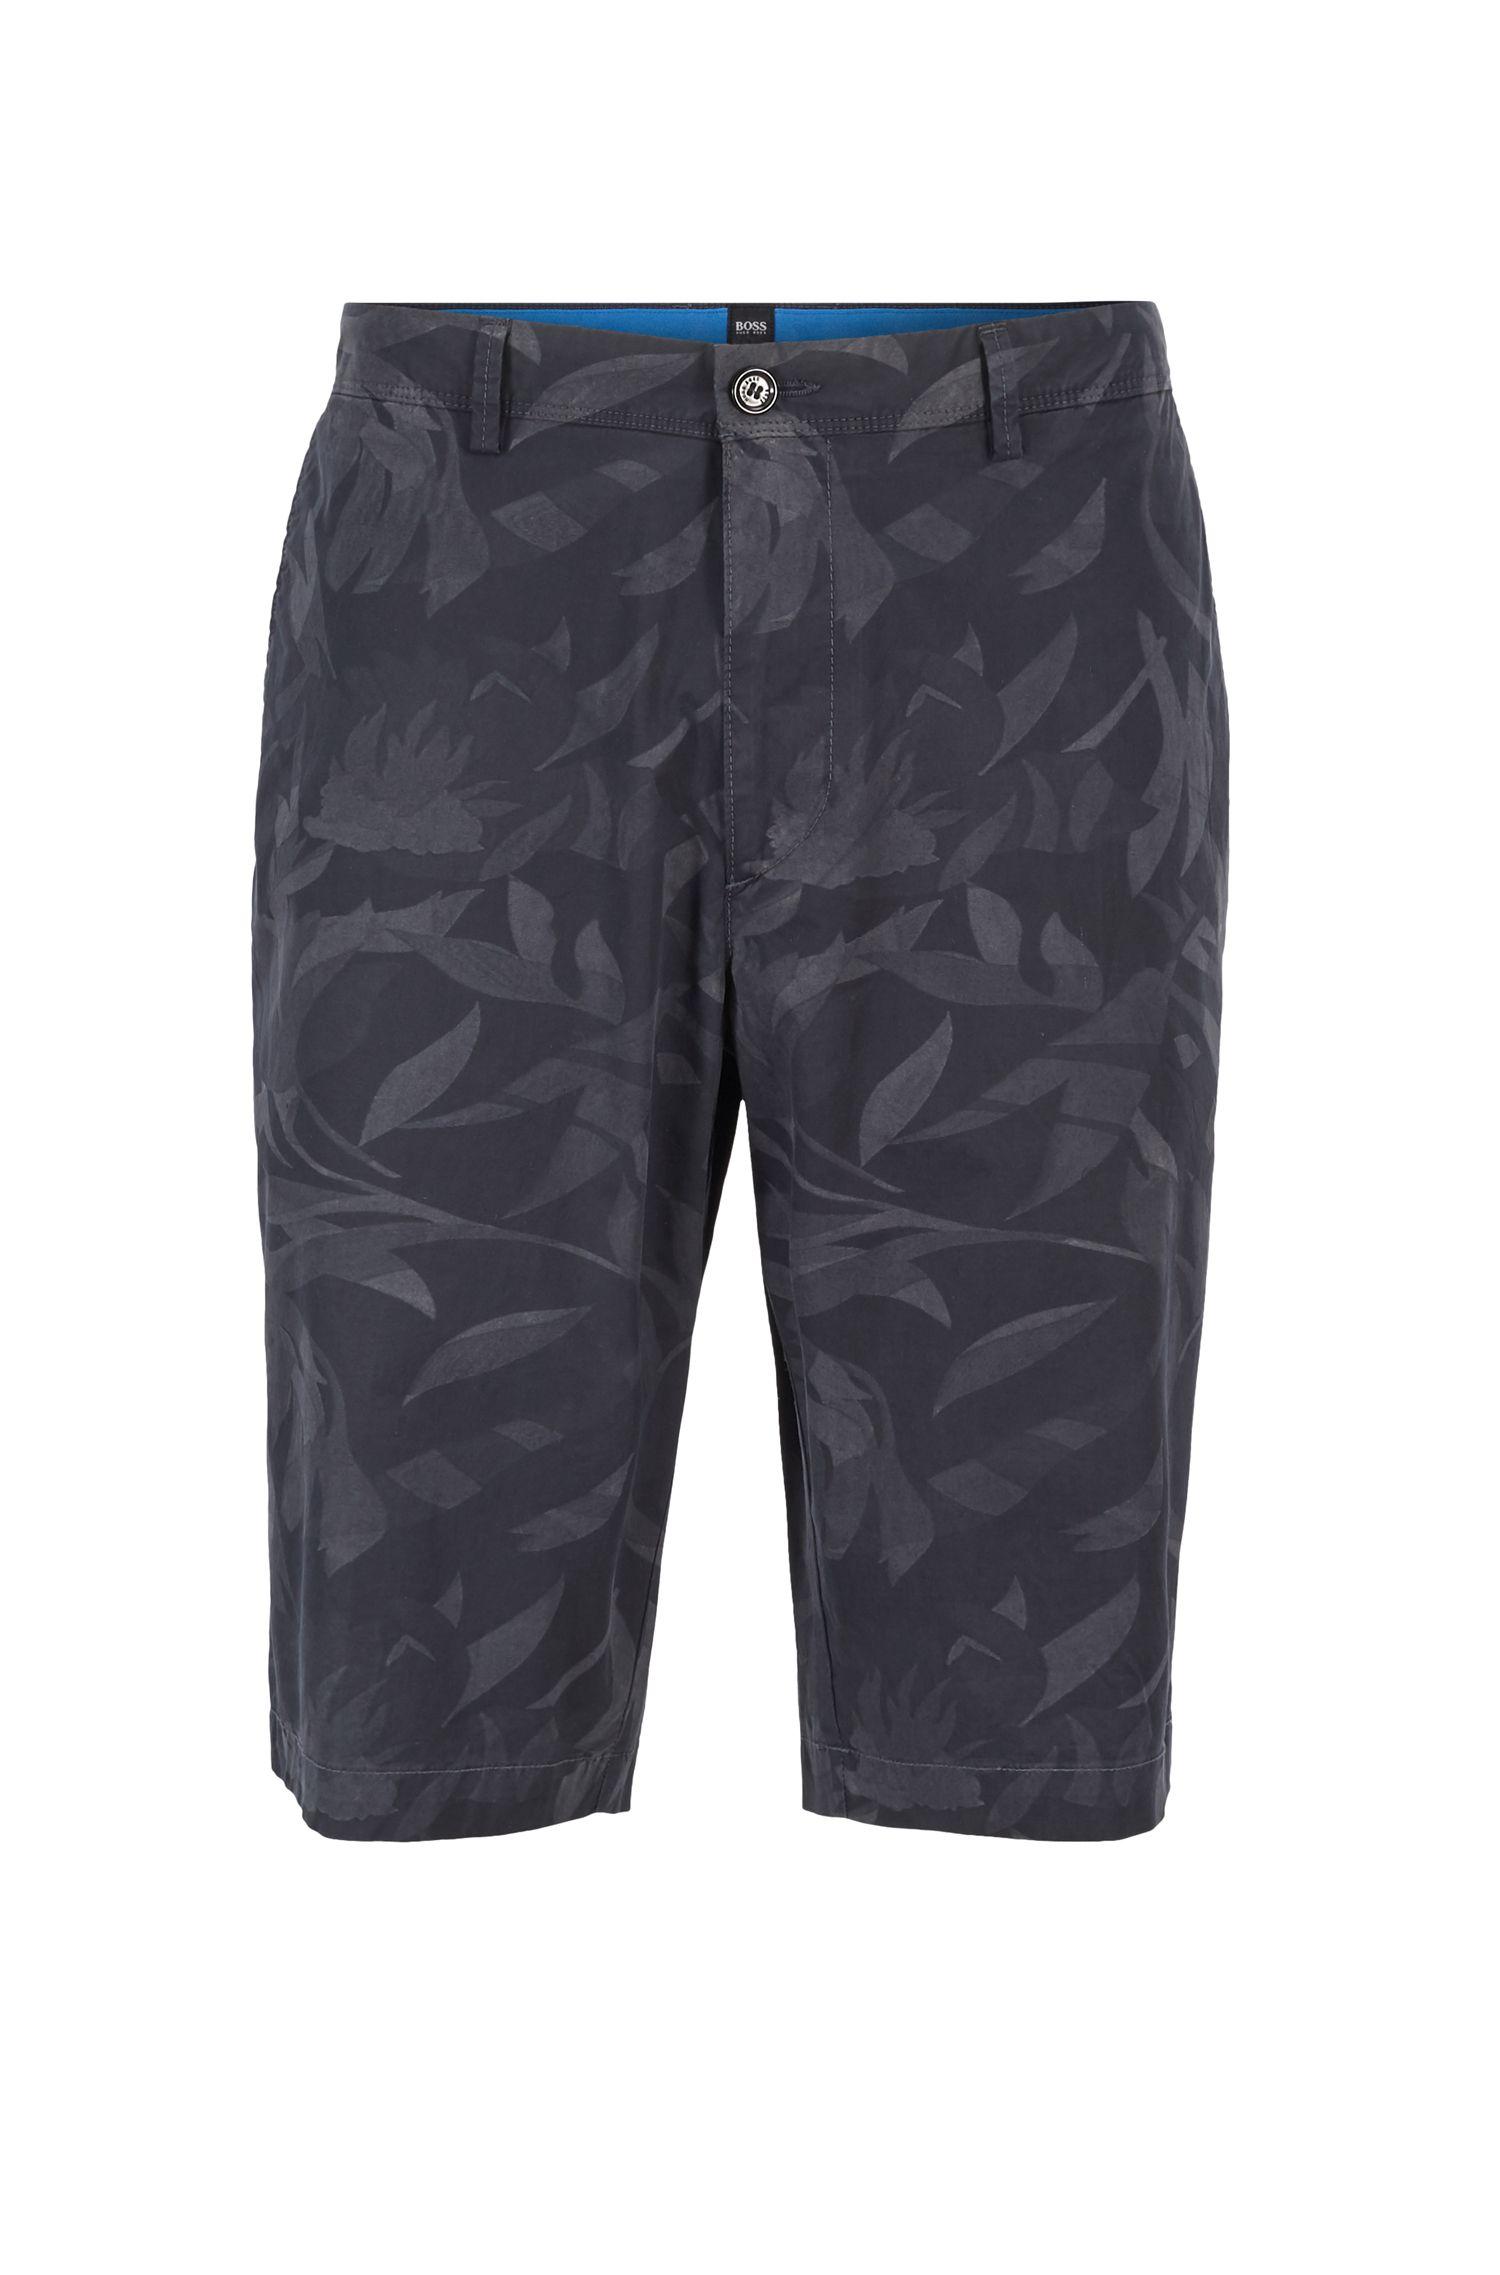 Regular-Fit Shorts aus leichter Stretch-Baumwolle mit Camouflage-Print und Paper-Touch-Finish, Dunkelblau